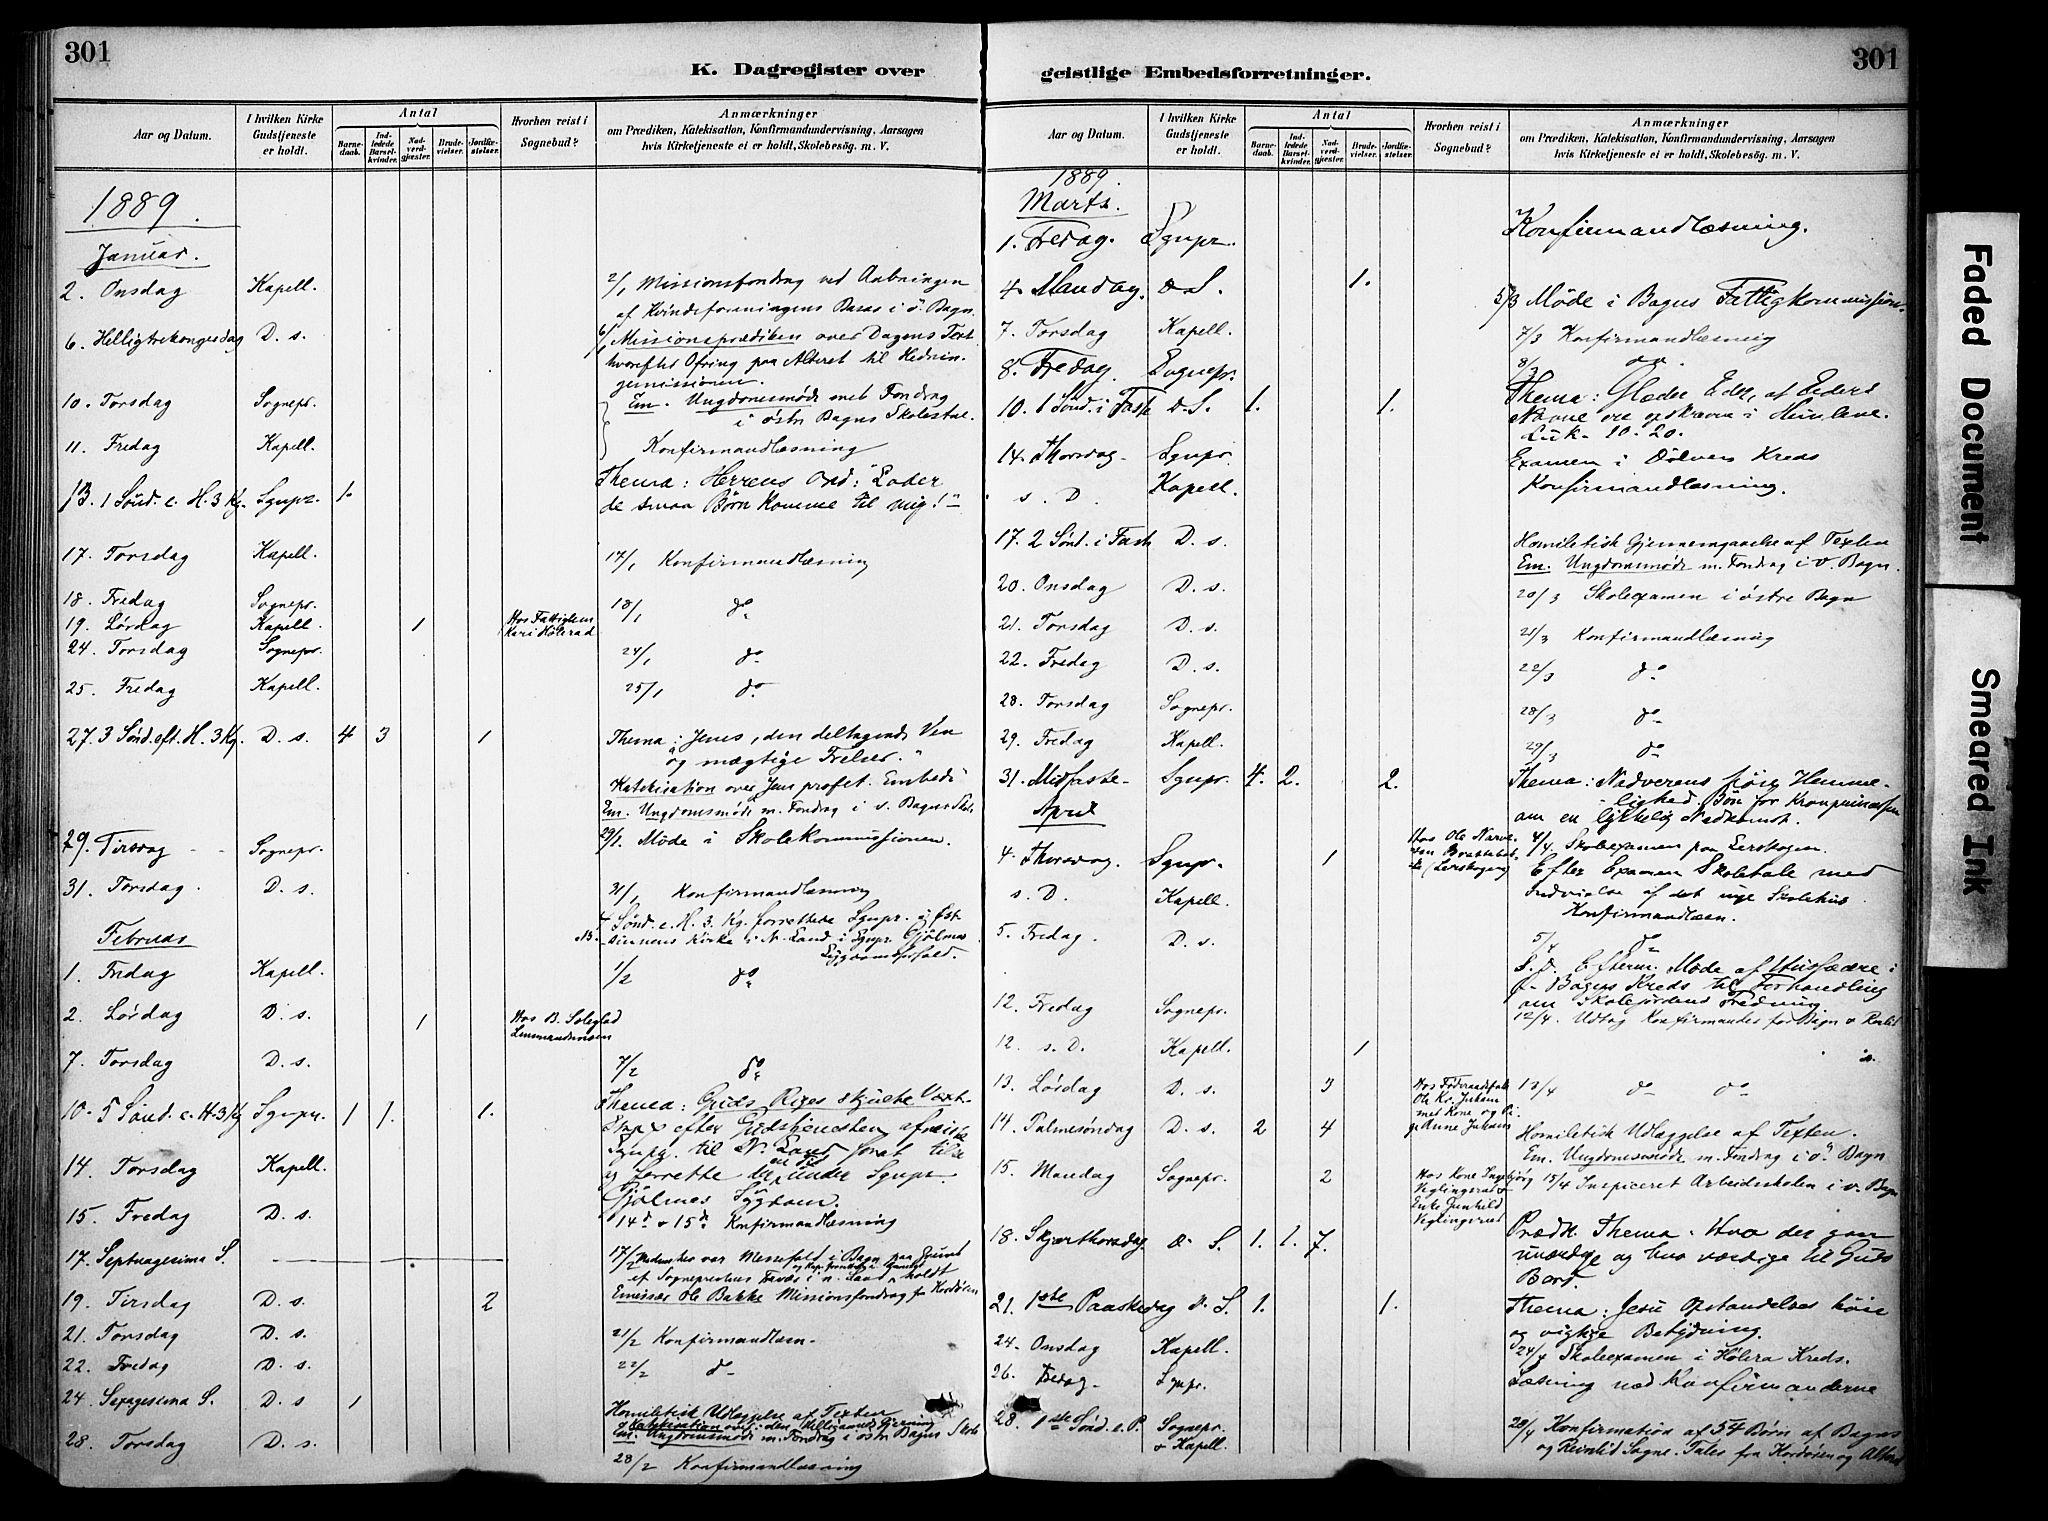 SAH, Sør-Aurdal prestekontor, Ministerialbok nr. 9, 1886-1906, s. 301